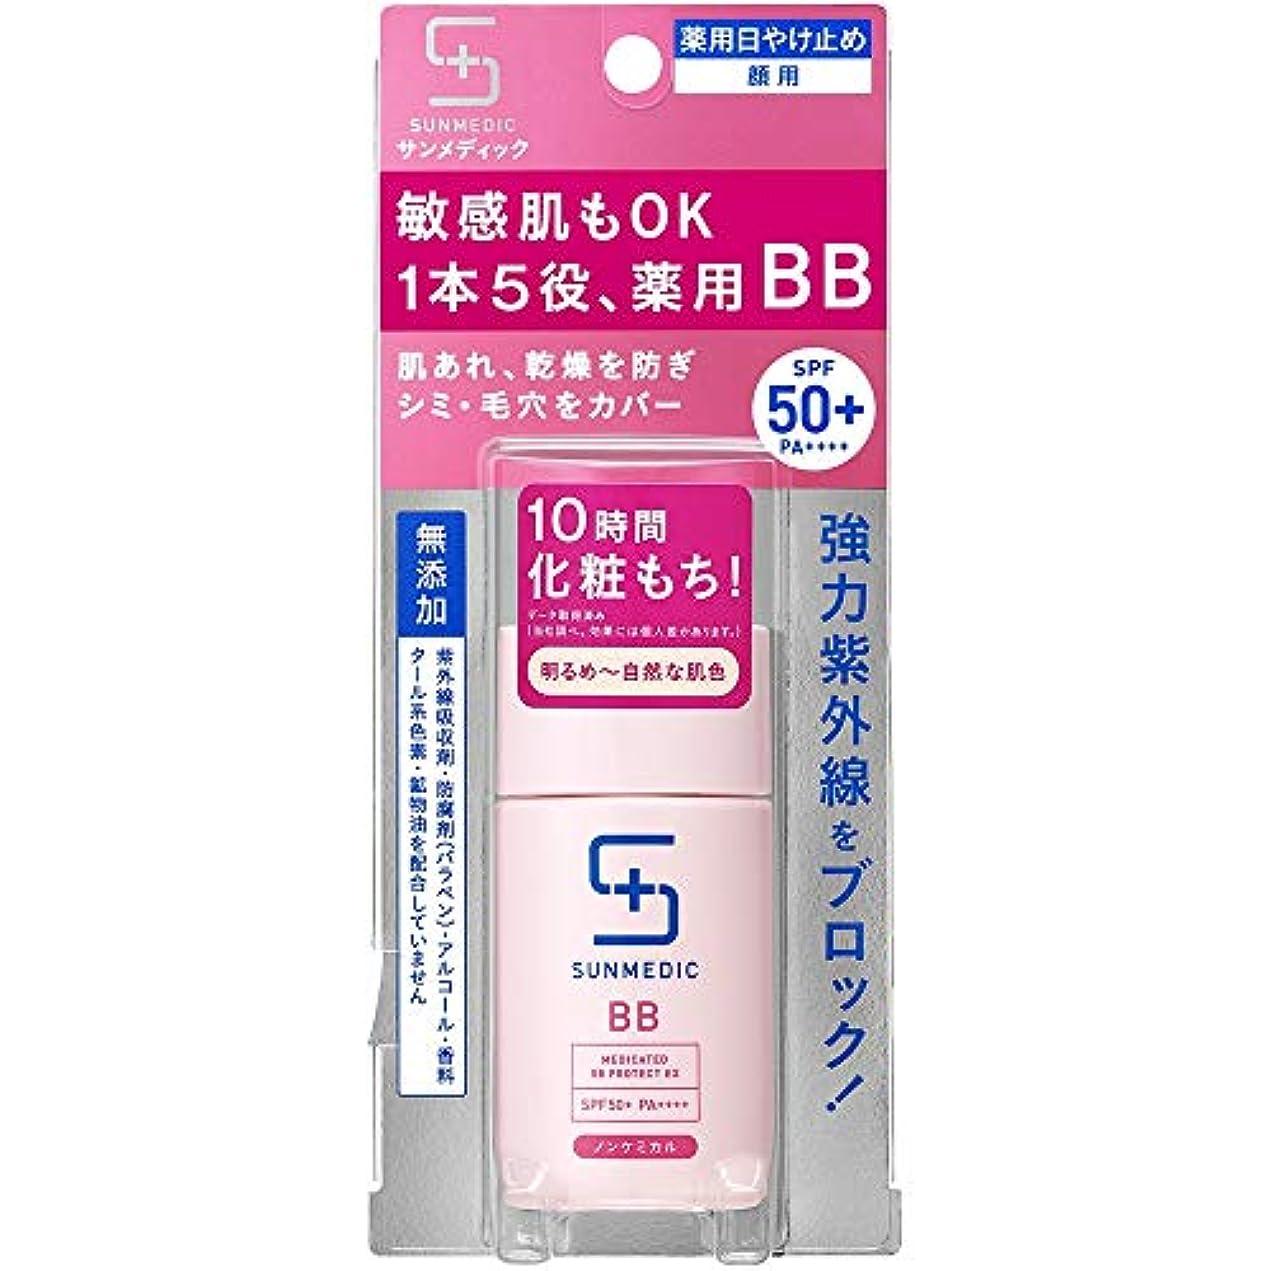 民兵火山学者サンメディックUV 薬用BBプロテクトEX ライト 30ml (医薬部外品)